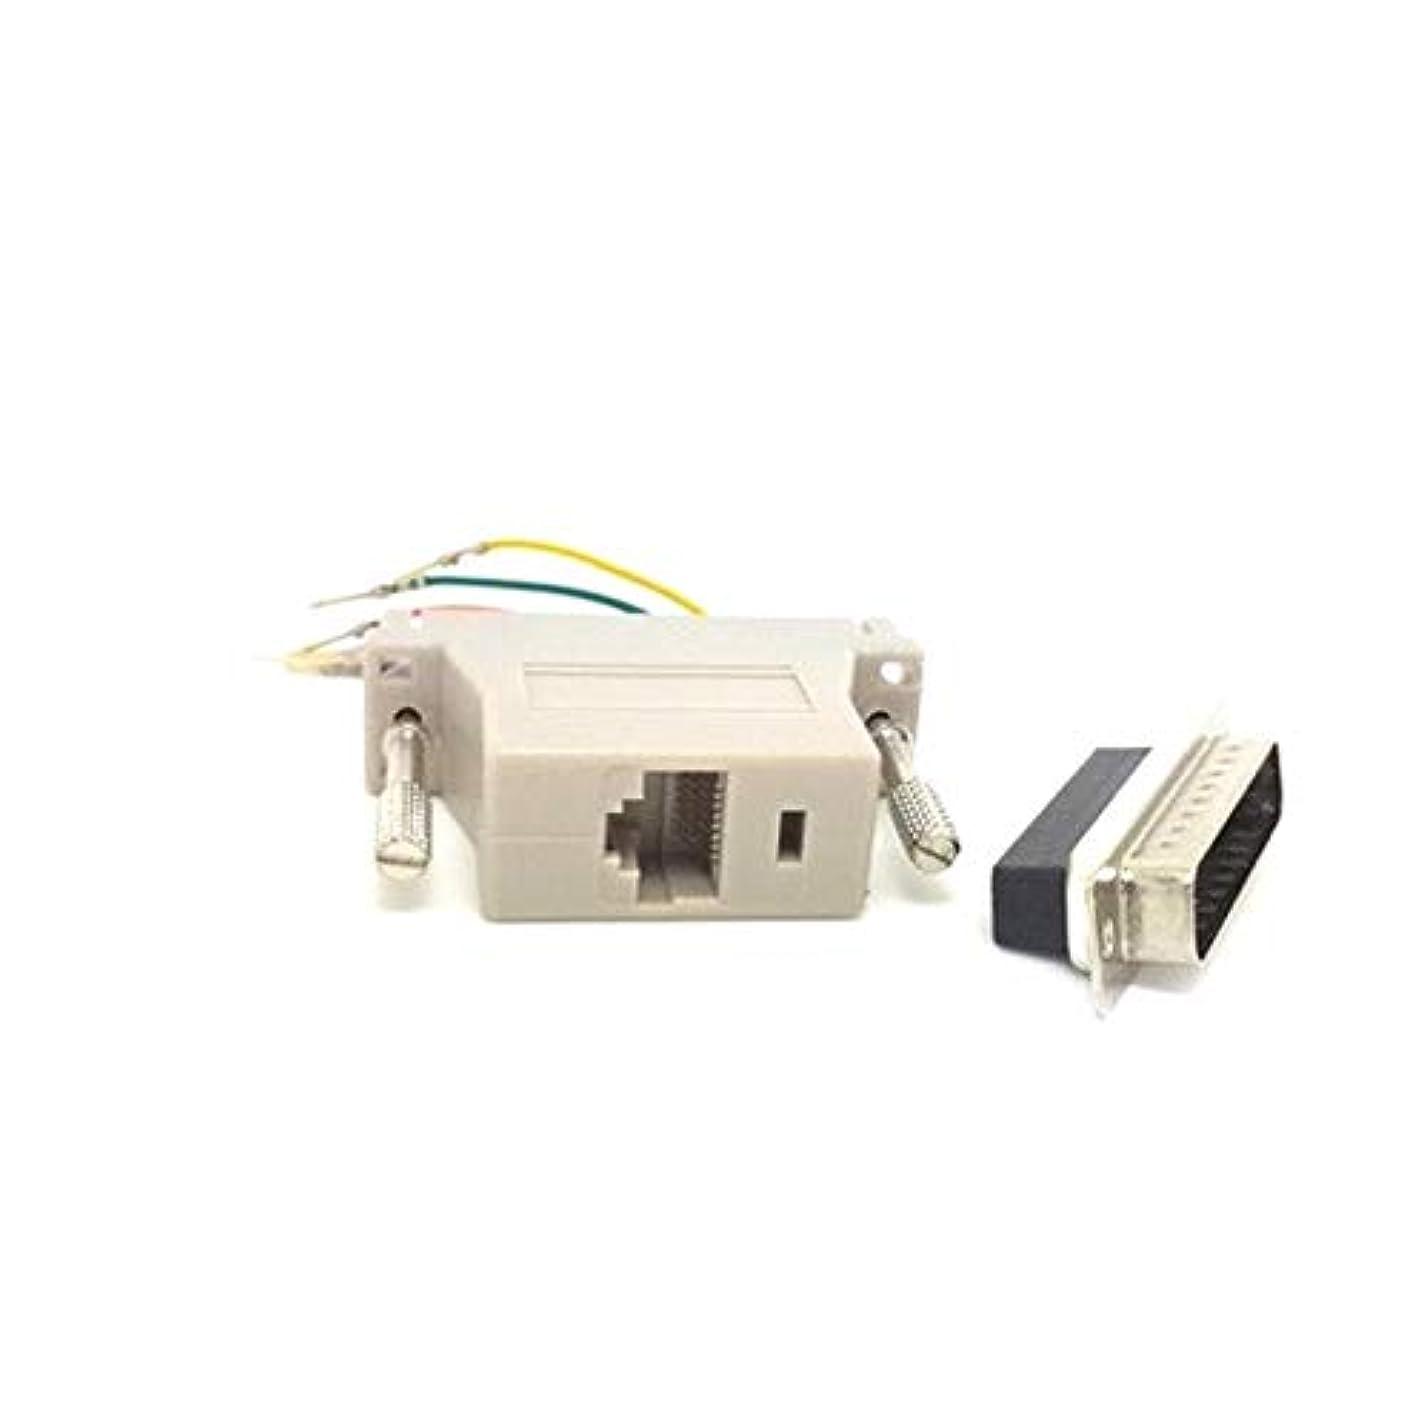 ながら交換ケーブルShineBear 50個/ロット ホットRS232 DB25 オスアダプタ モデムアダプタ DB25からRJ45アダプター 互換コンバーターアダプター DB25MからRJ45アダプタ SNB-8E0085D5D3013F67BA1B7E8D4892BE2B